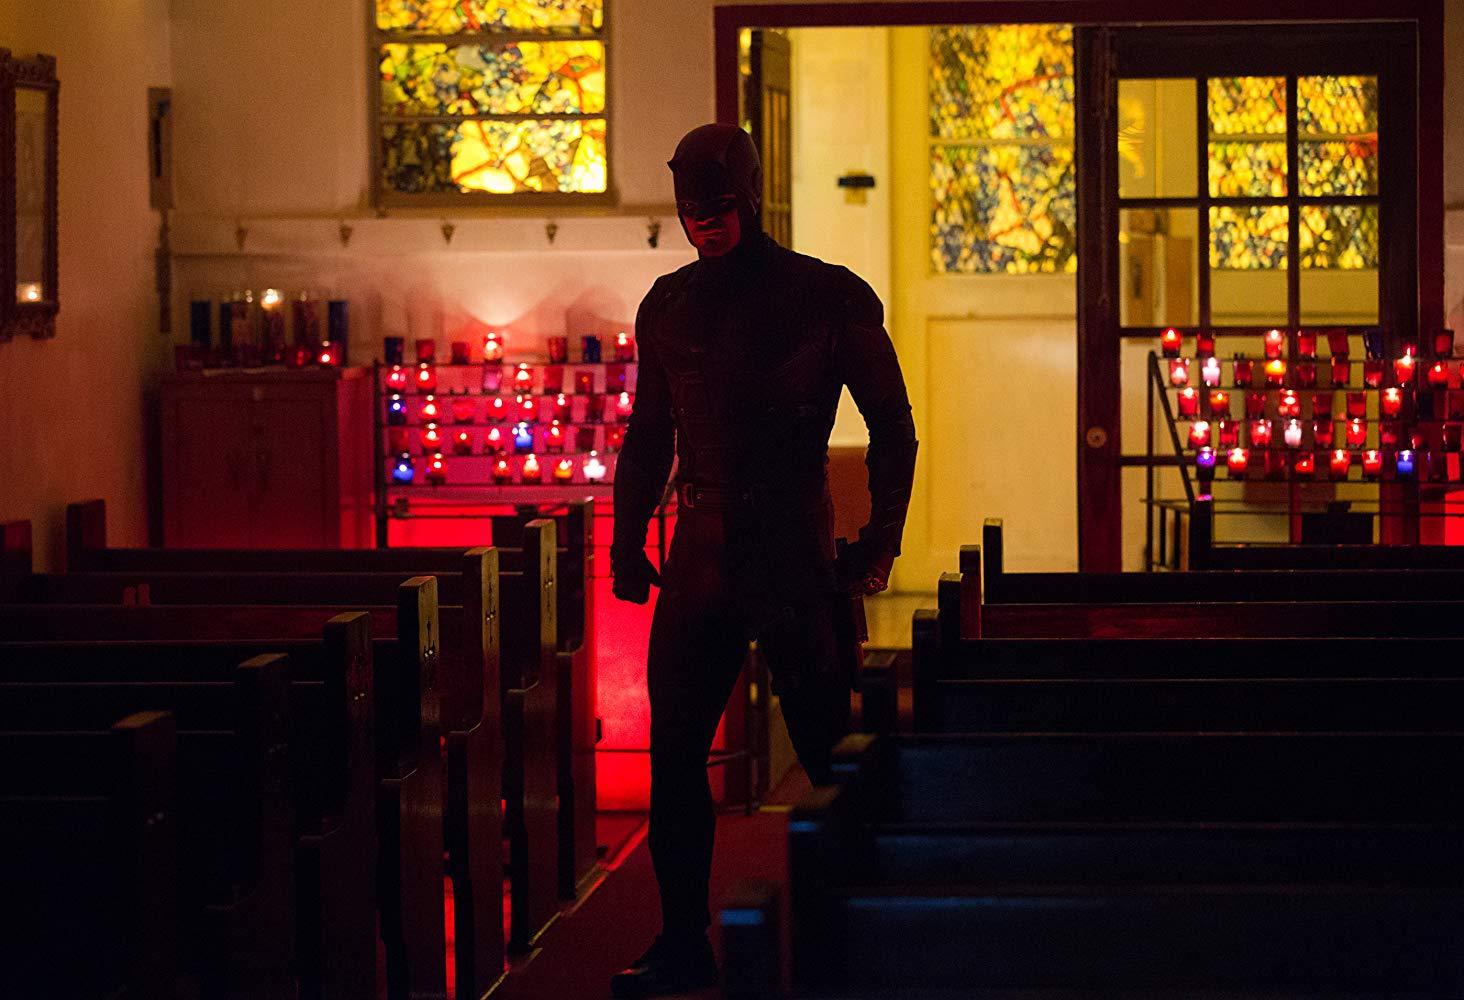 Charlie Cox espera voltar a interpretar o Demolidor